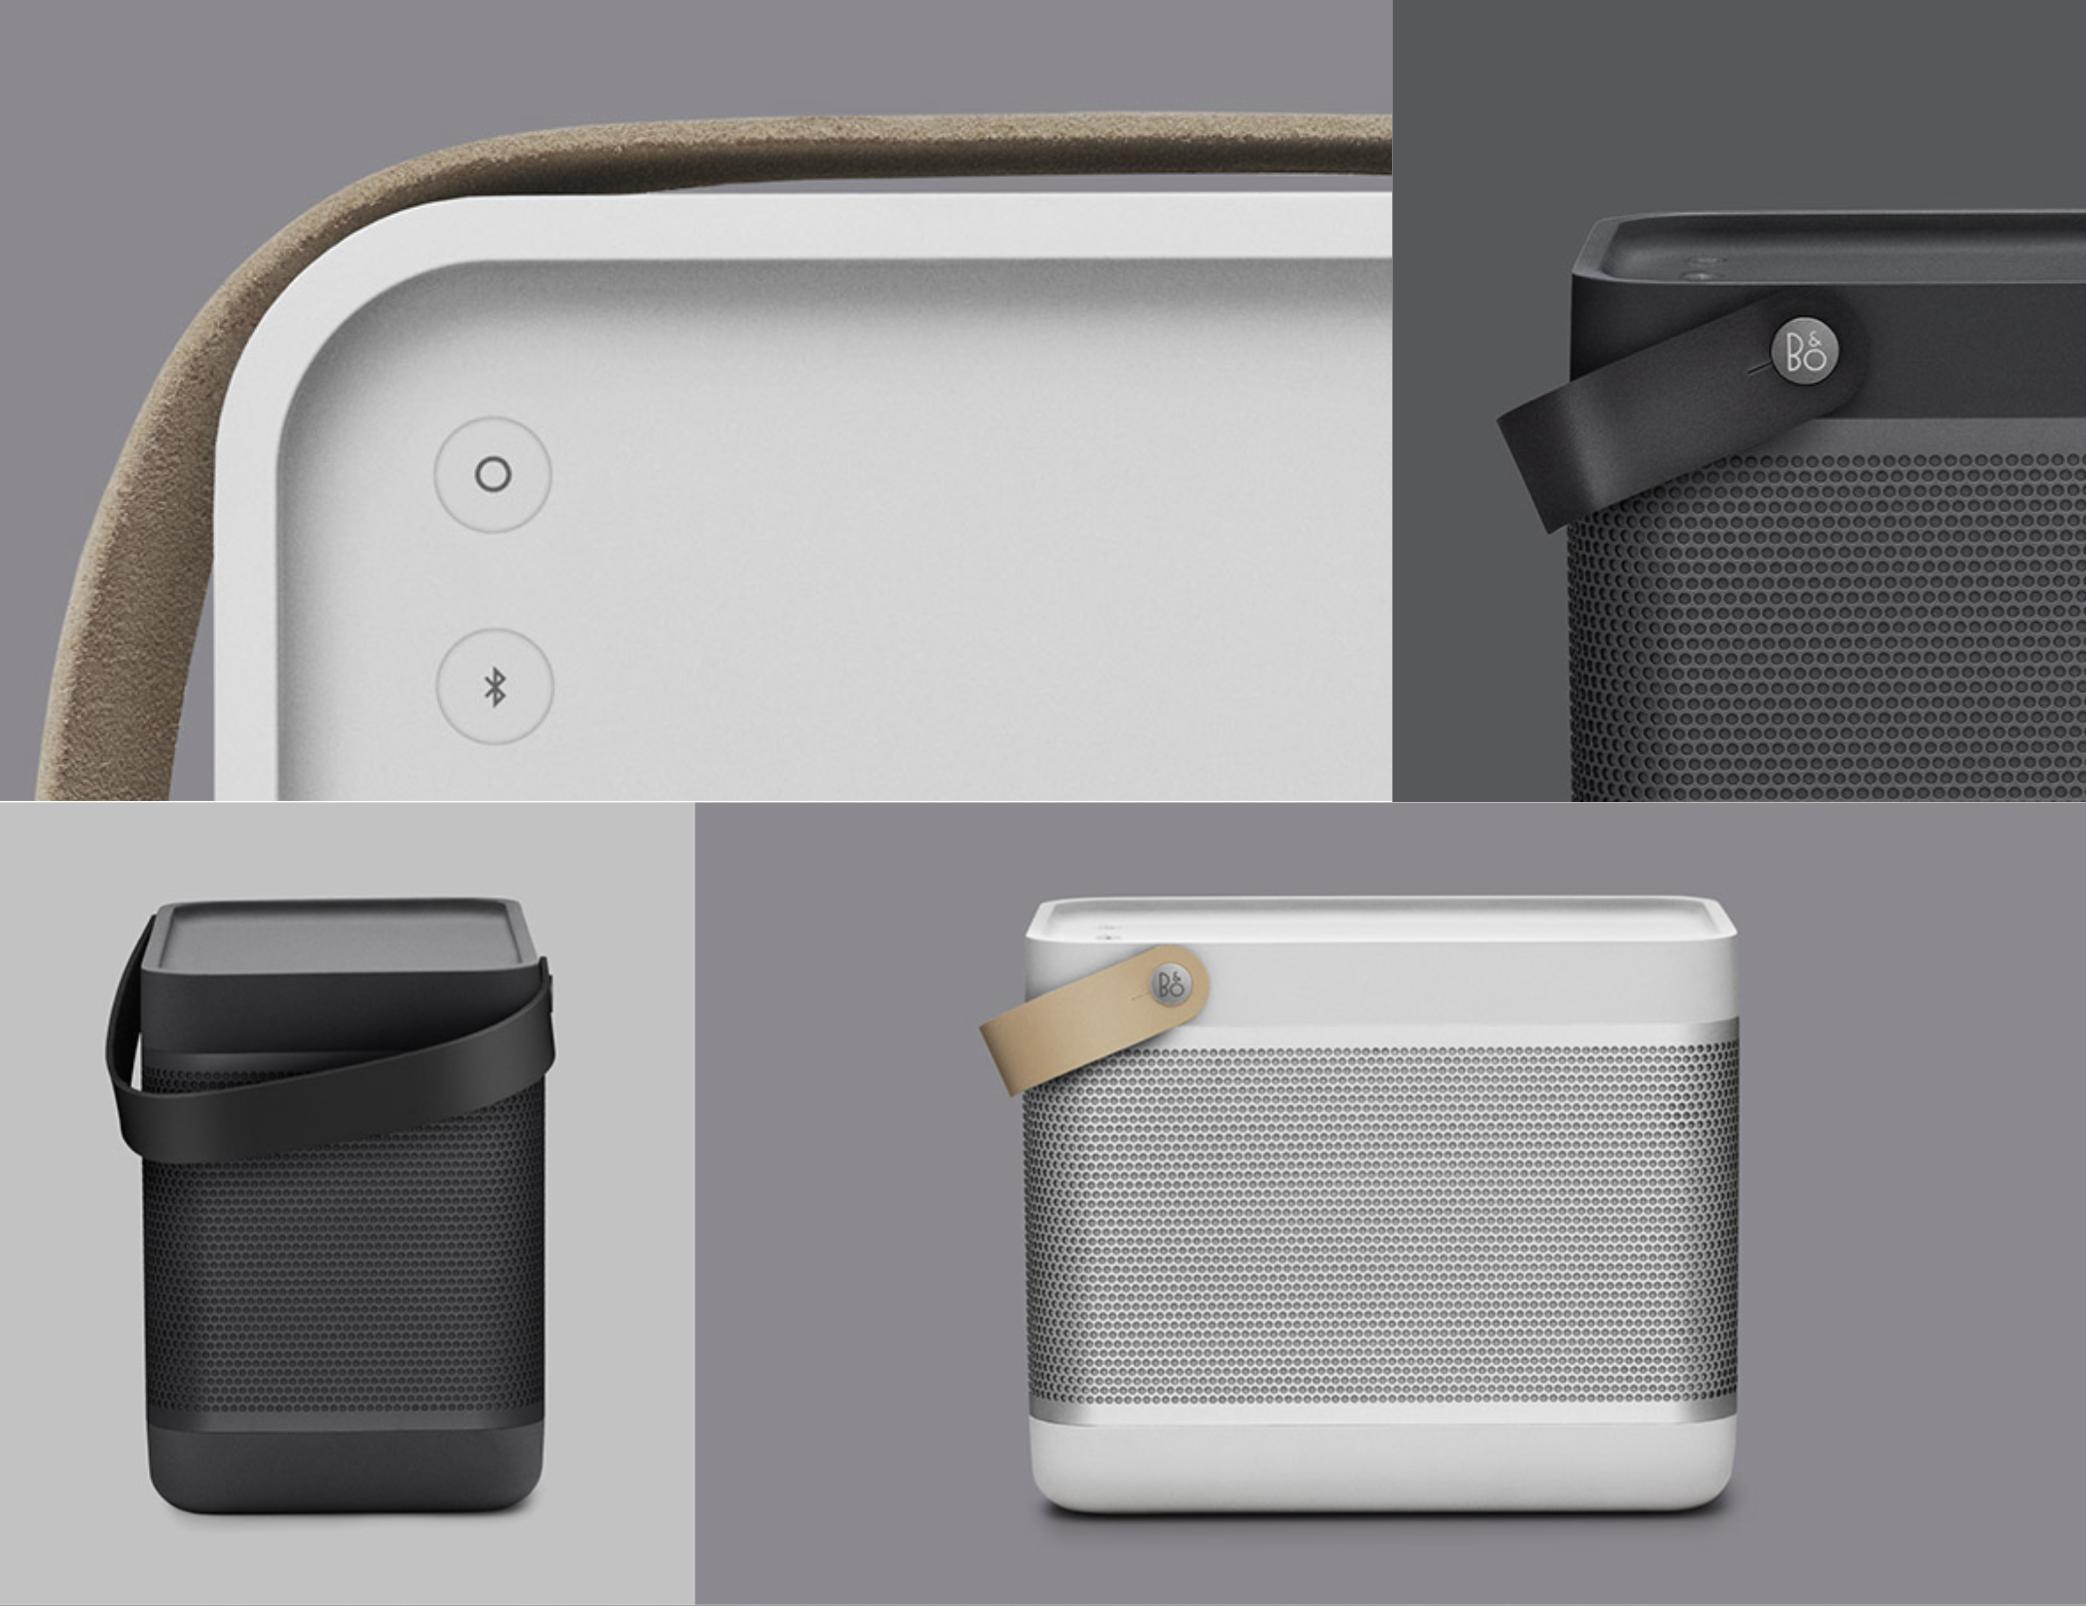 BO Beolit 17 Product B&O Refine Their Rugged Speaker Range